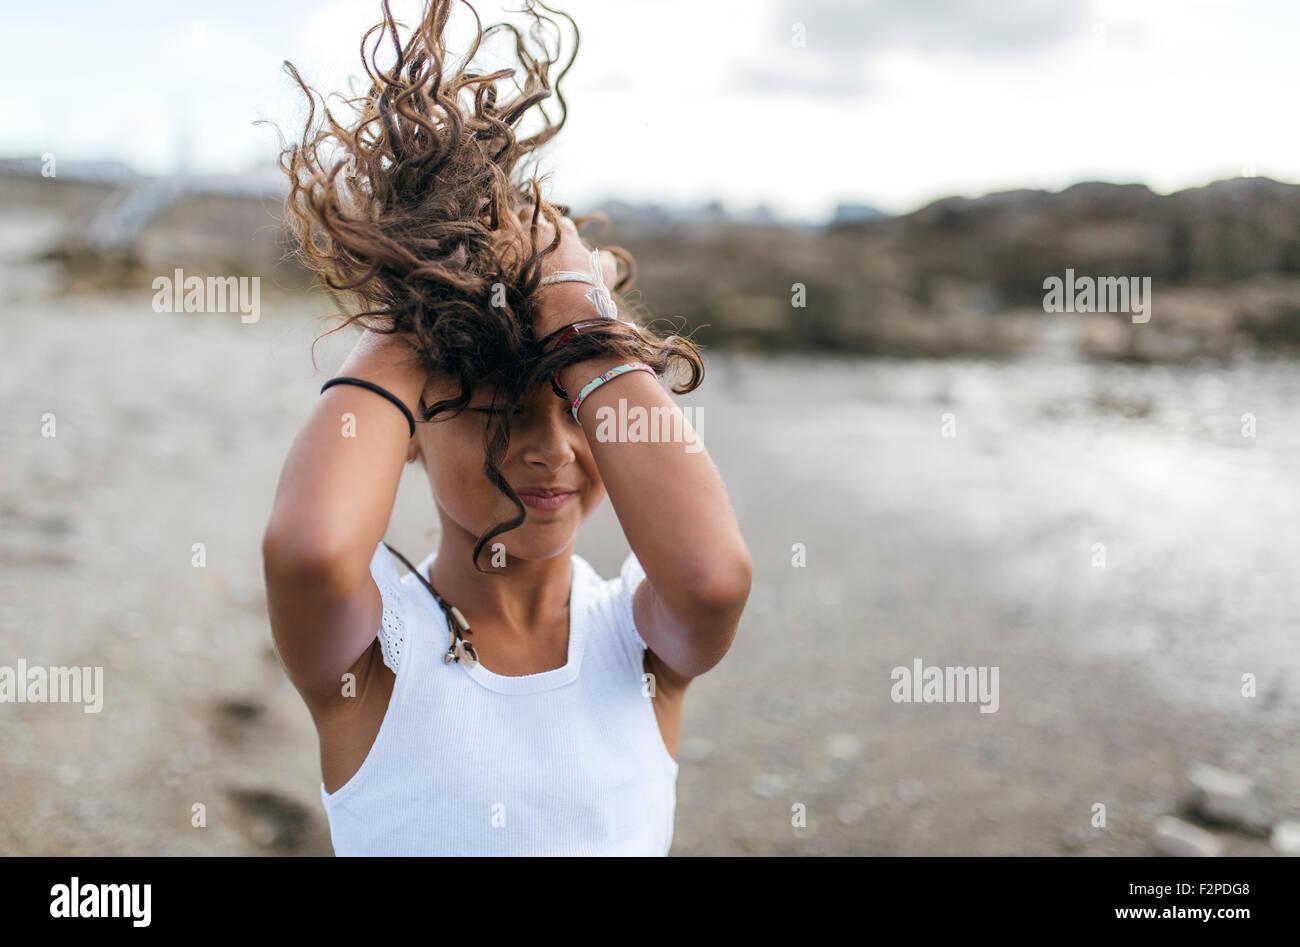 Spanien, Gijon, kleines Mädchen am Strand hält ihr Haar weht Stockbild